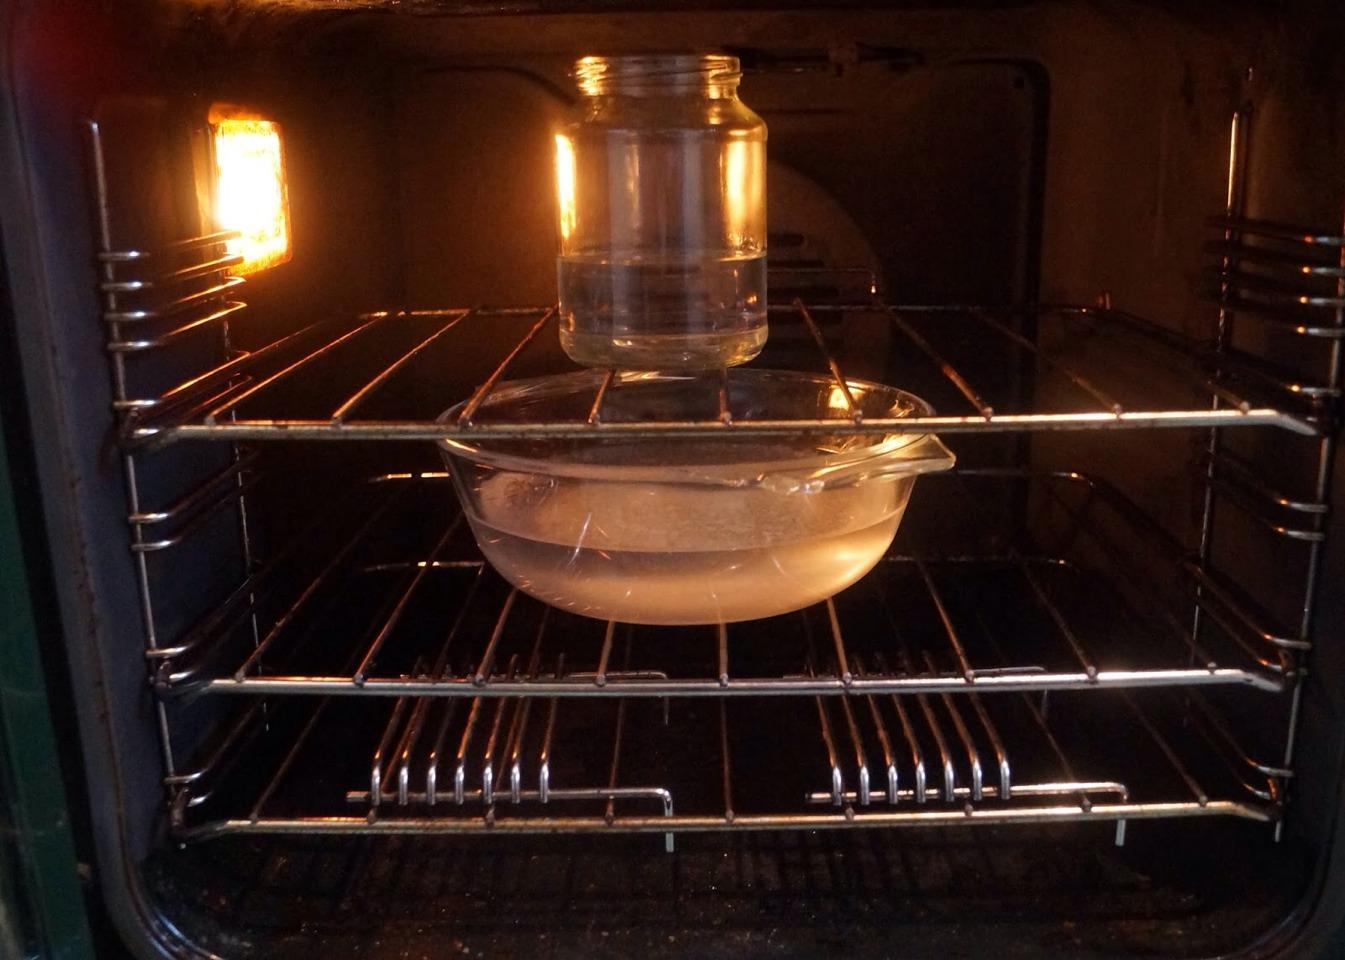 Как очистить духовку от жира и нагара 10 домашних 2